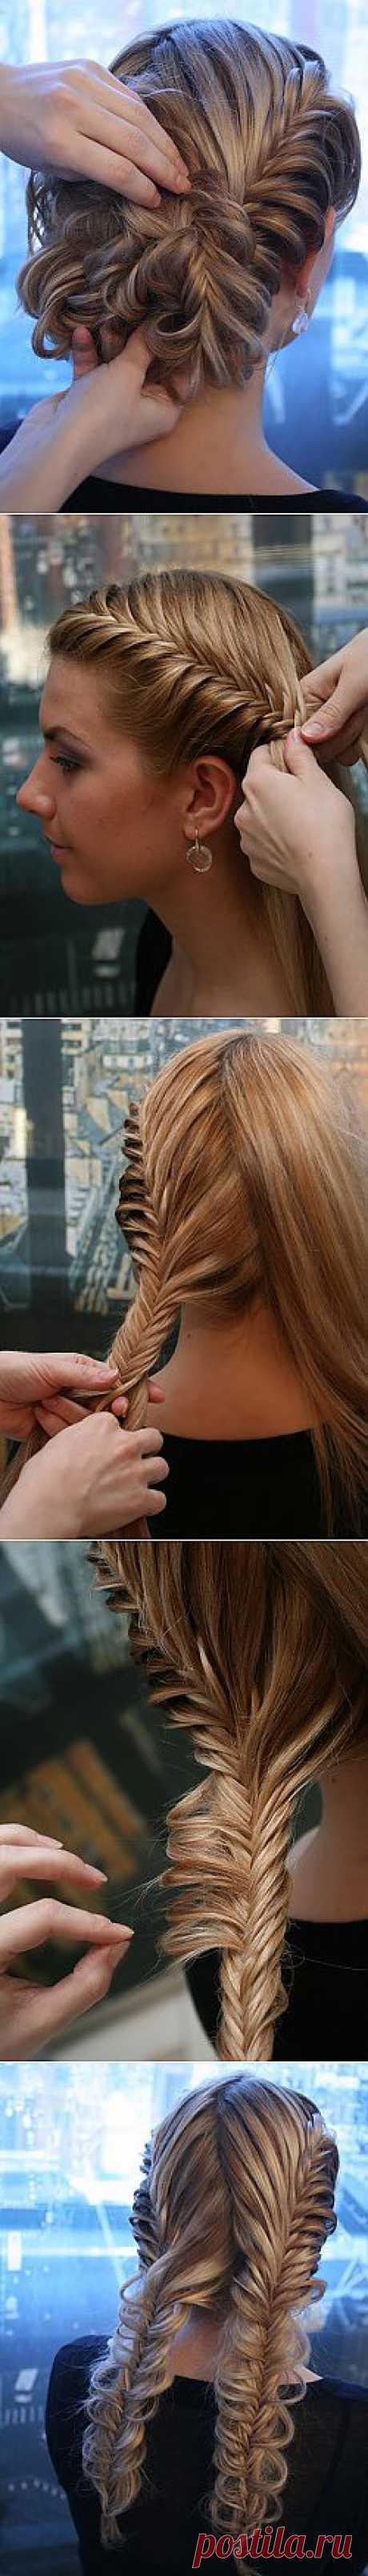 Делаем прическу из кос